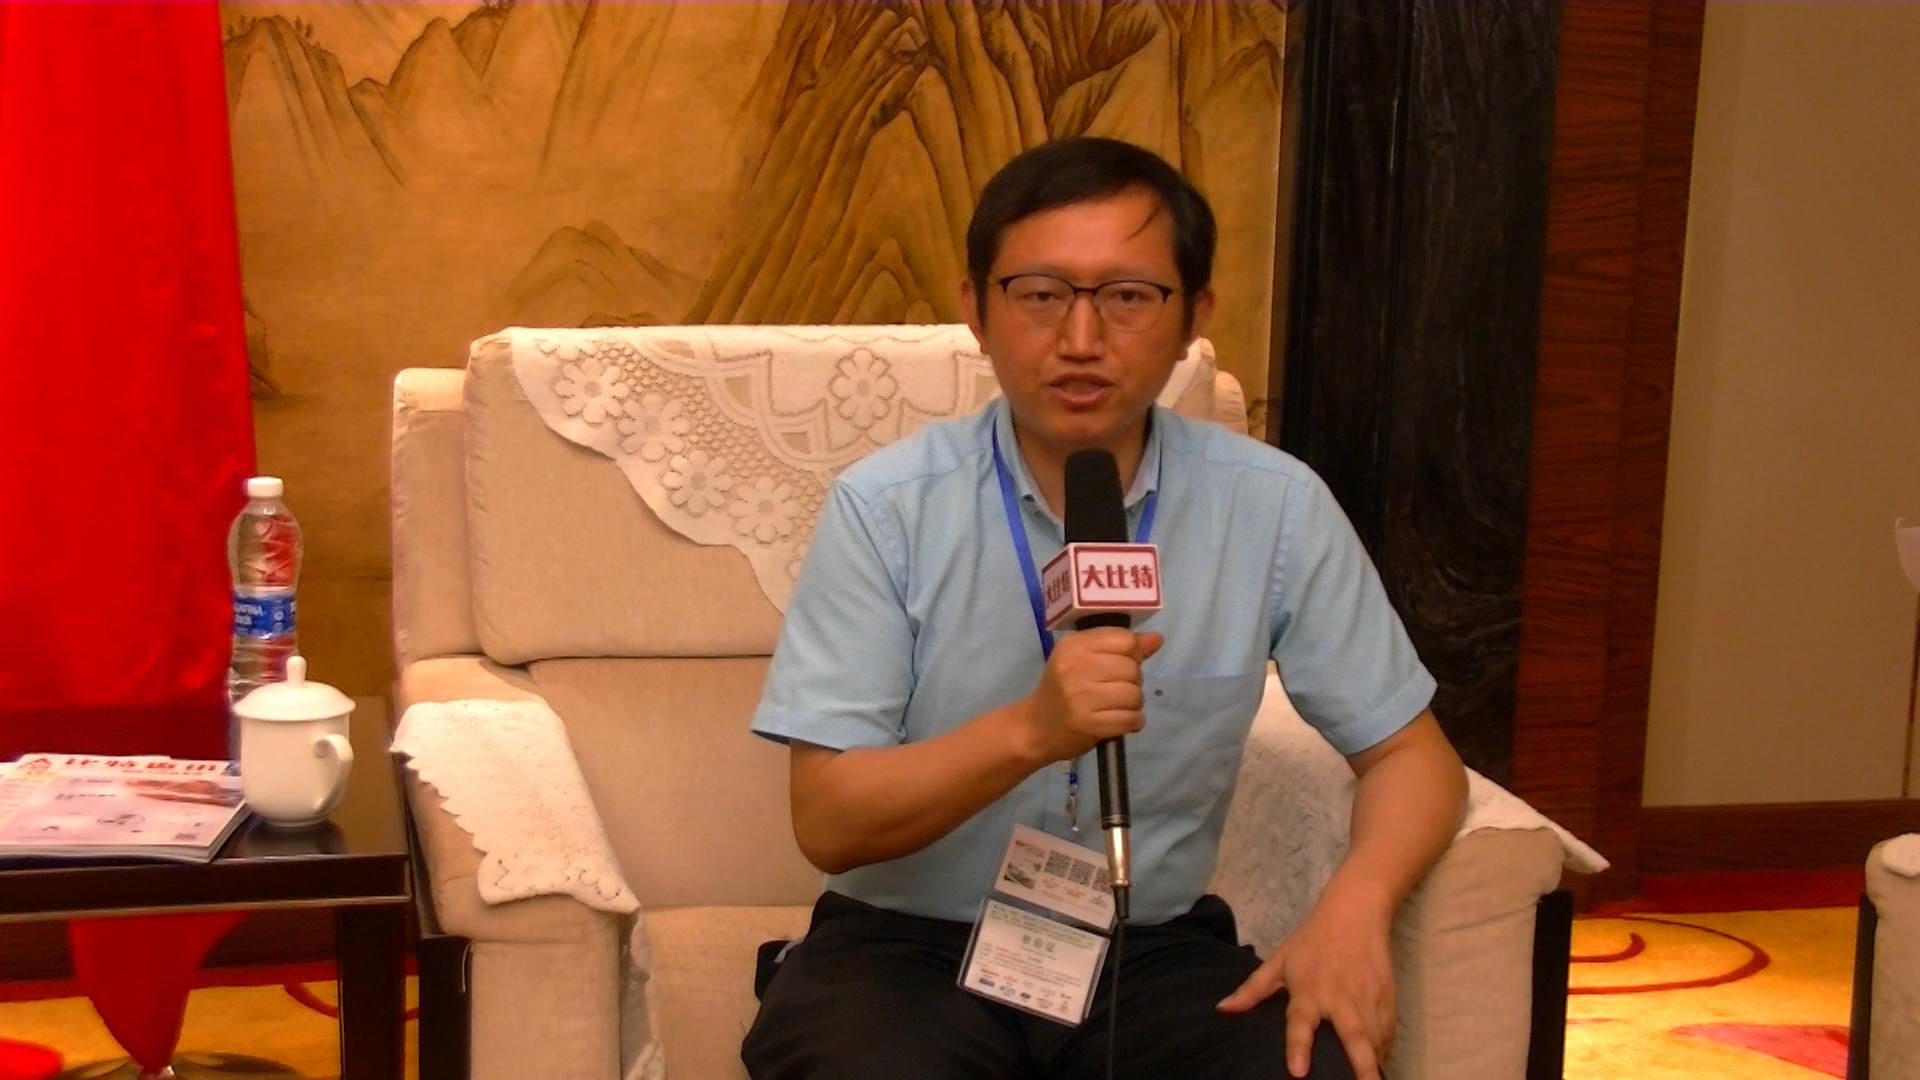 德众泰罗胜国营销副总:新能源汽车发展前景